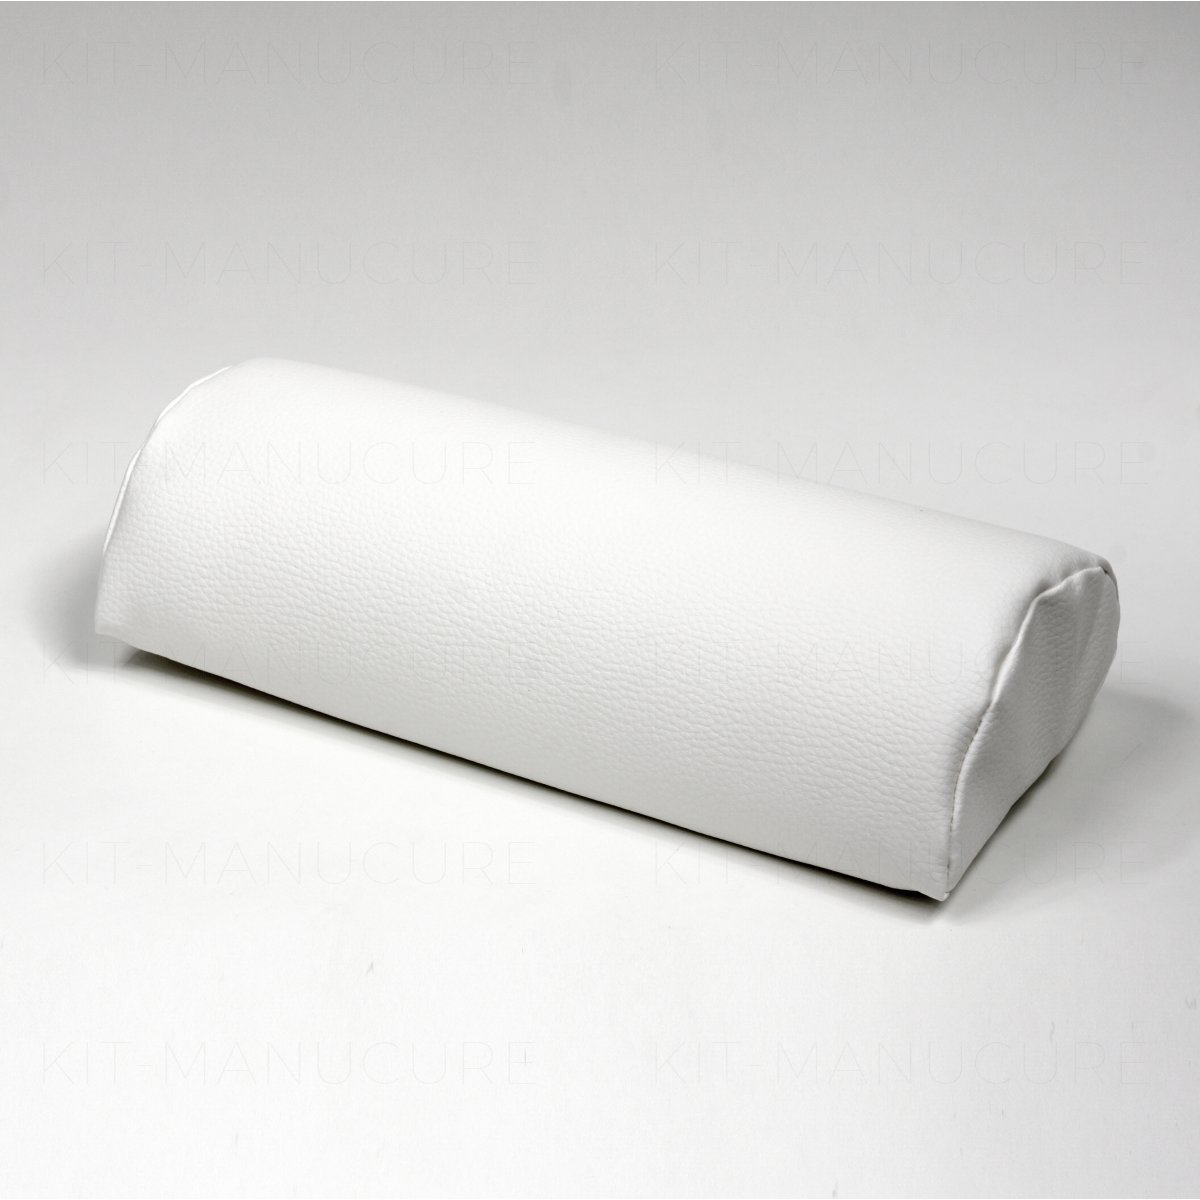 https://www.kit-manucure.com/154-large_default/repose-main-simili-cuir-blanc.jpg